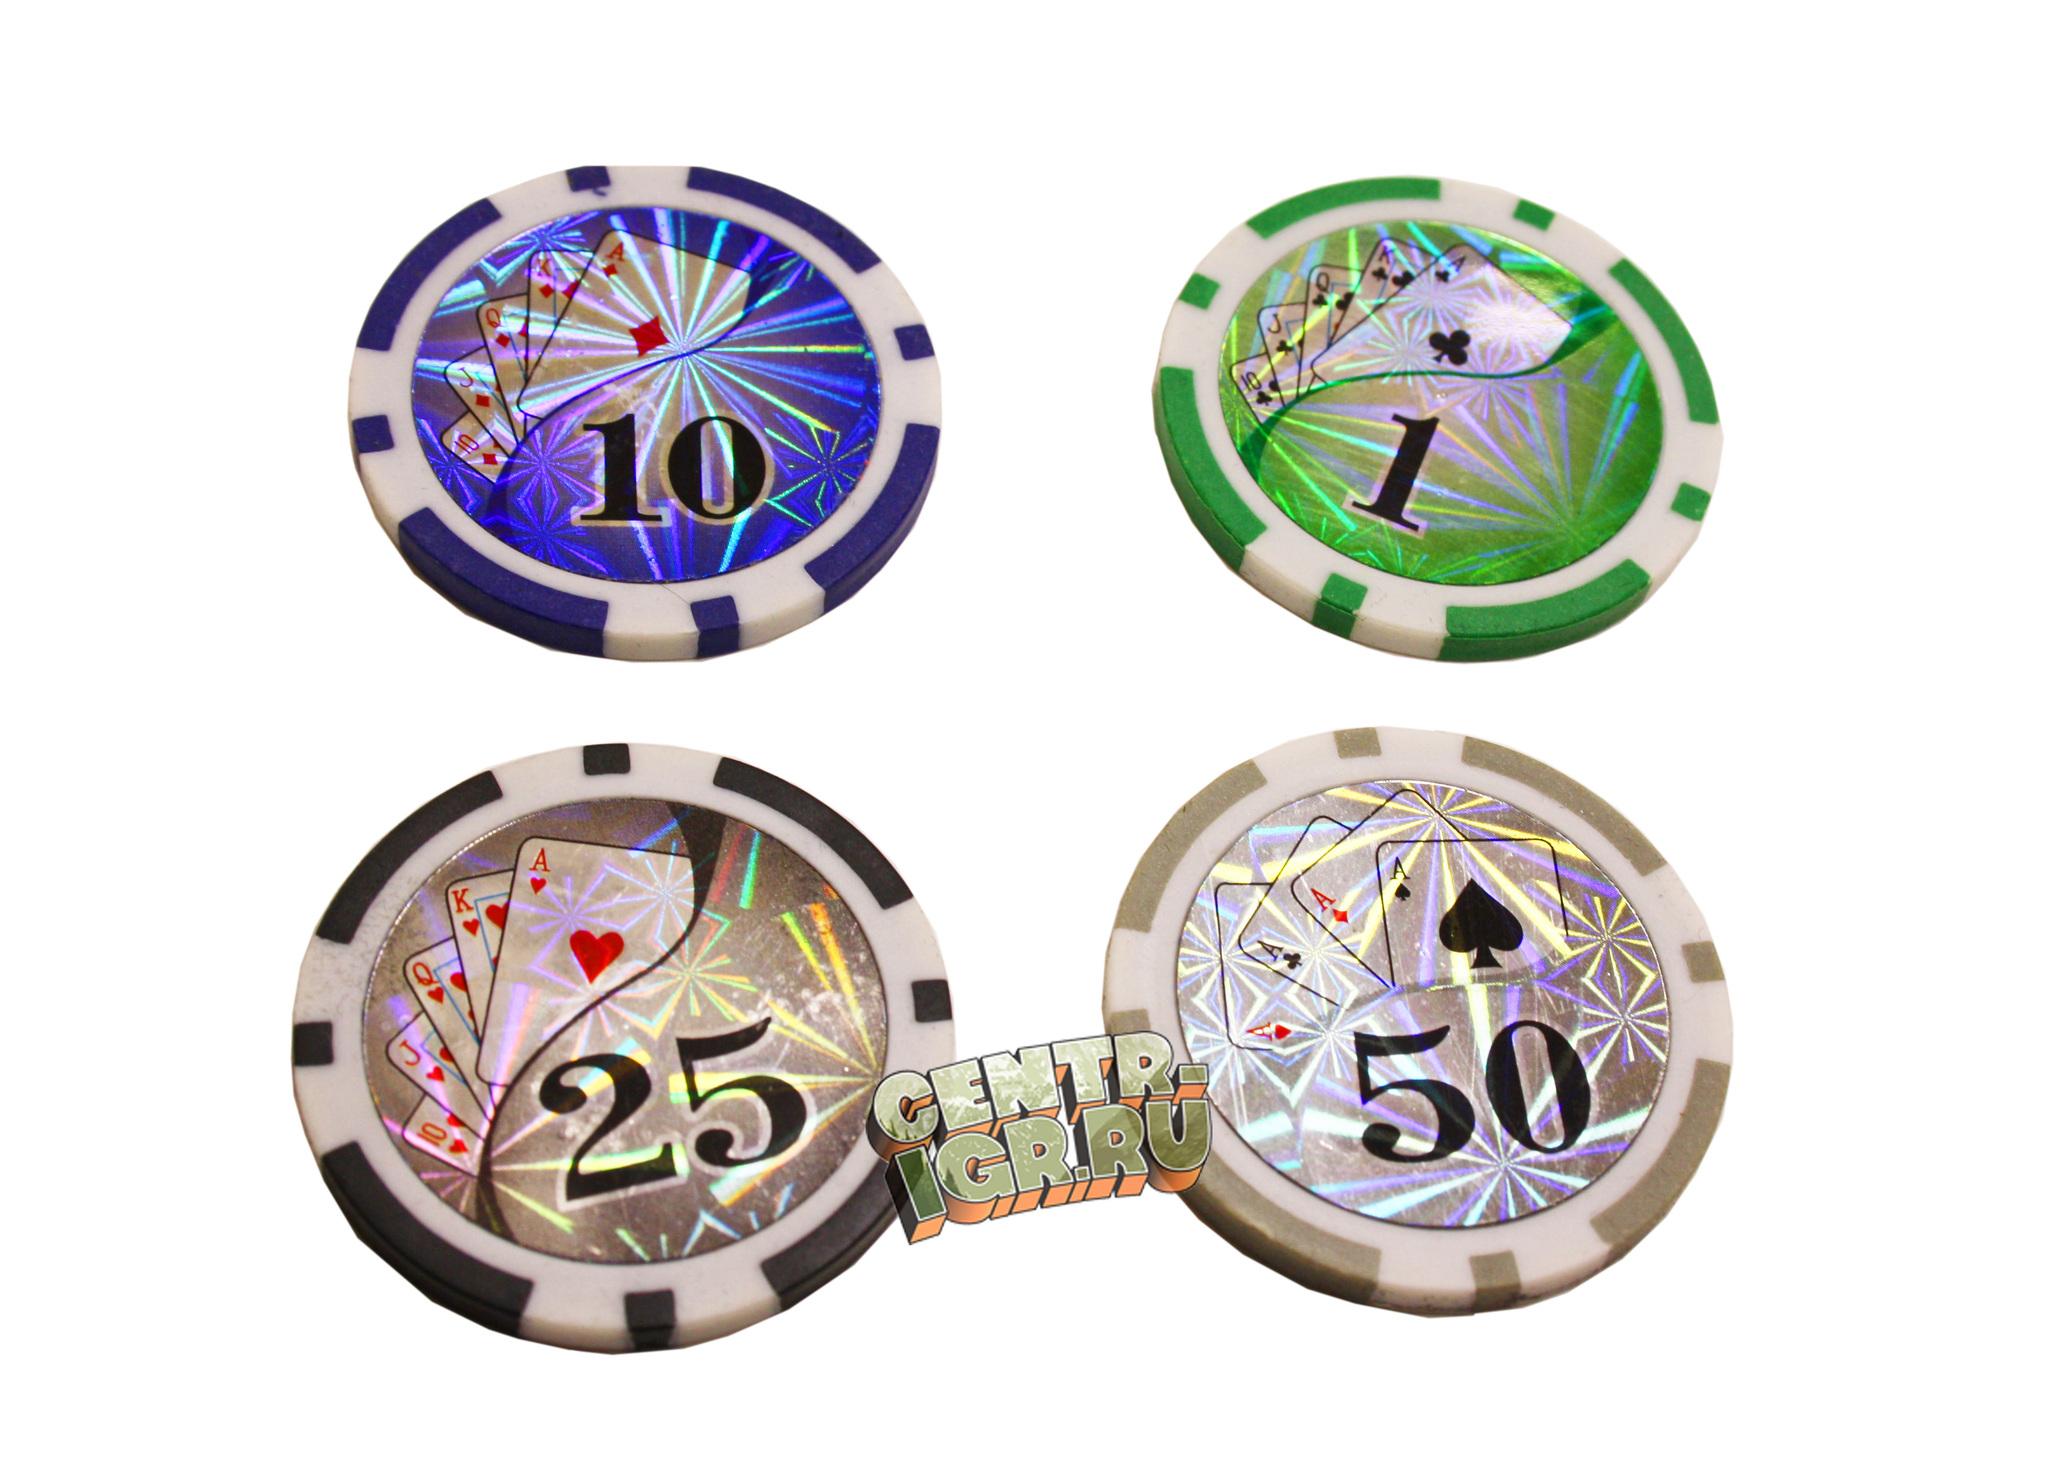 фишки для казино купить в москве